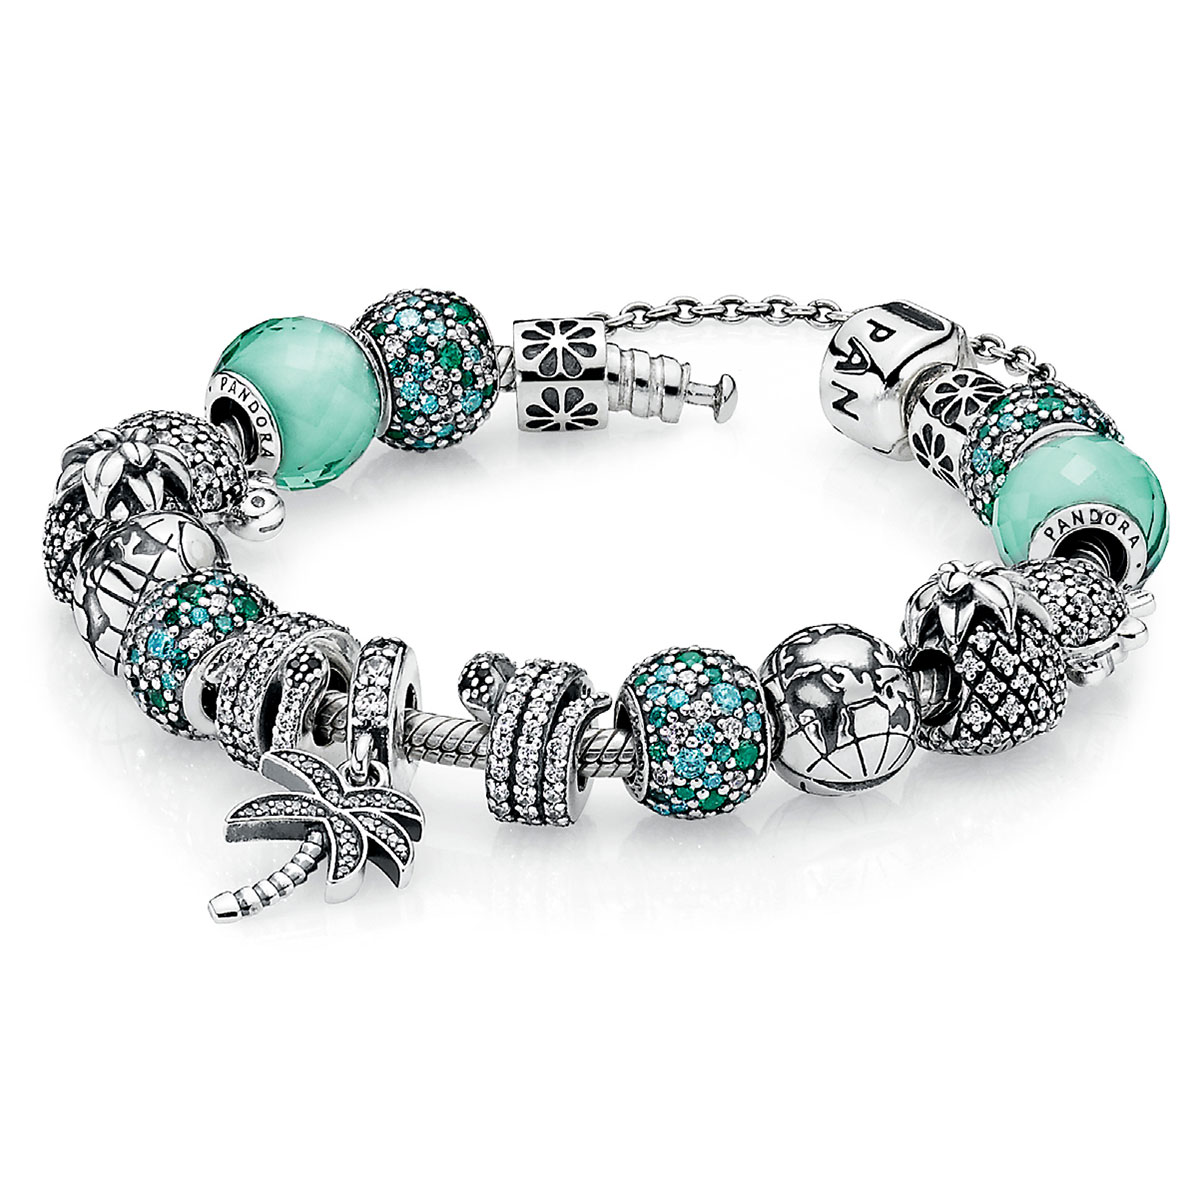 PANDORA Caribbean Cool Charm Bracelet-1267 - Pancharmbracelets.com